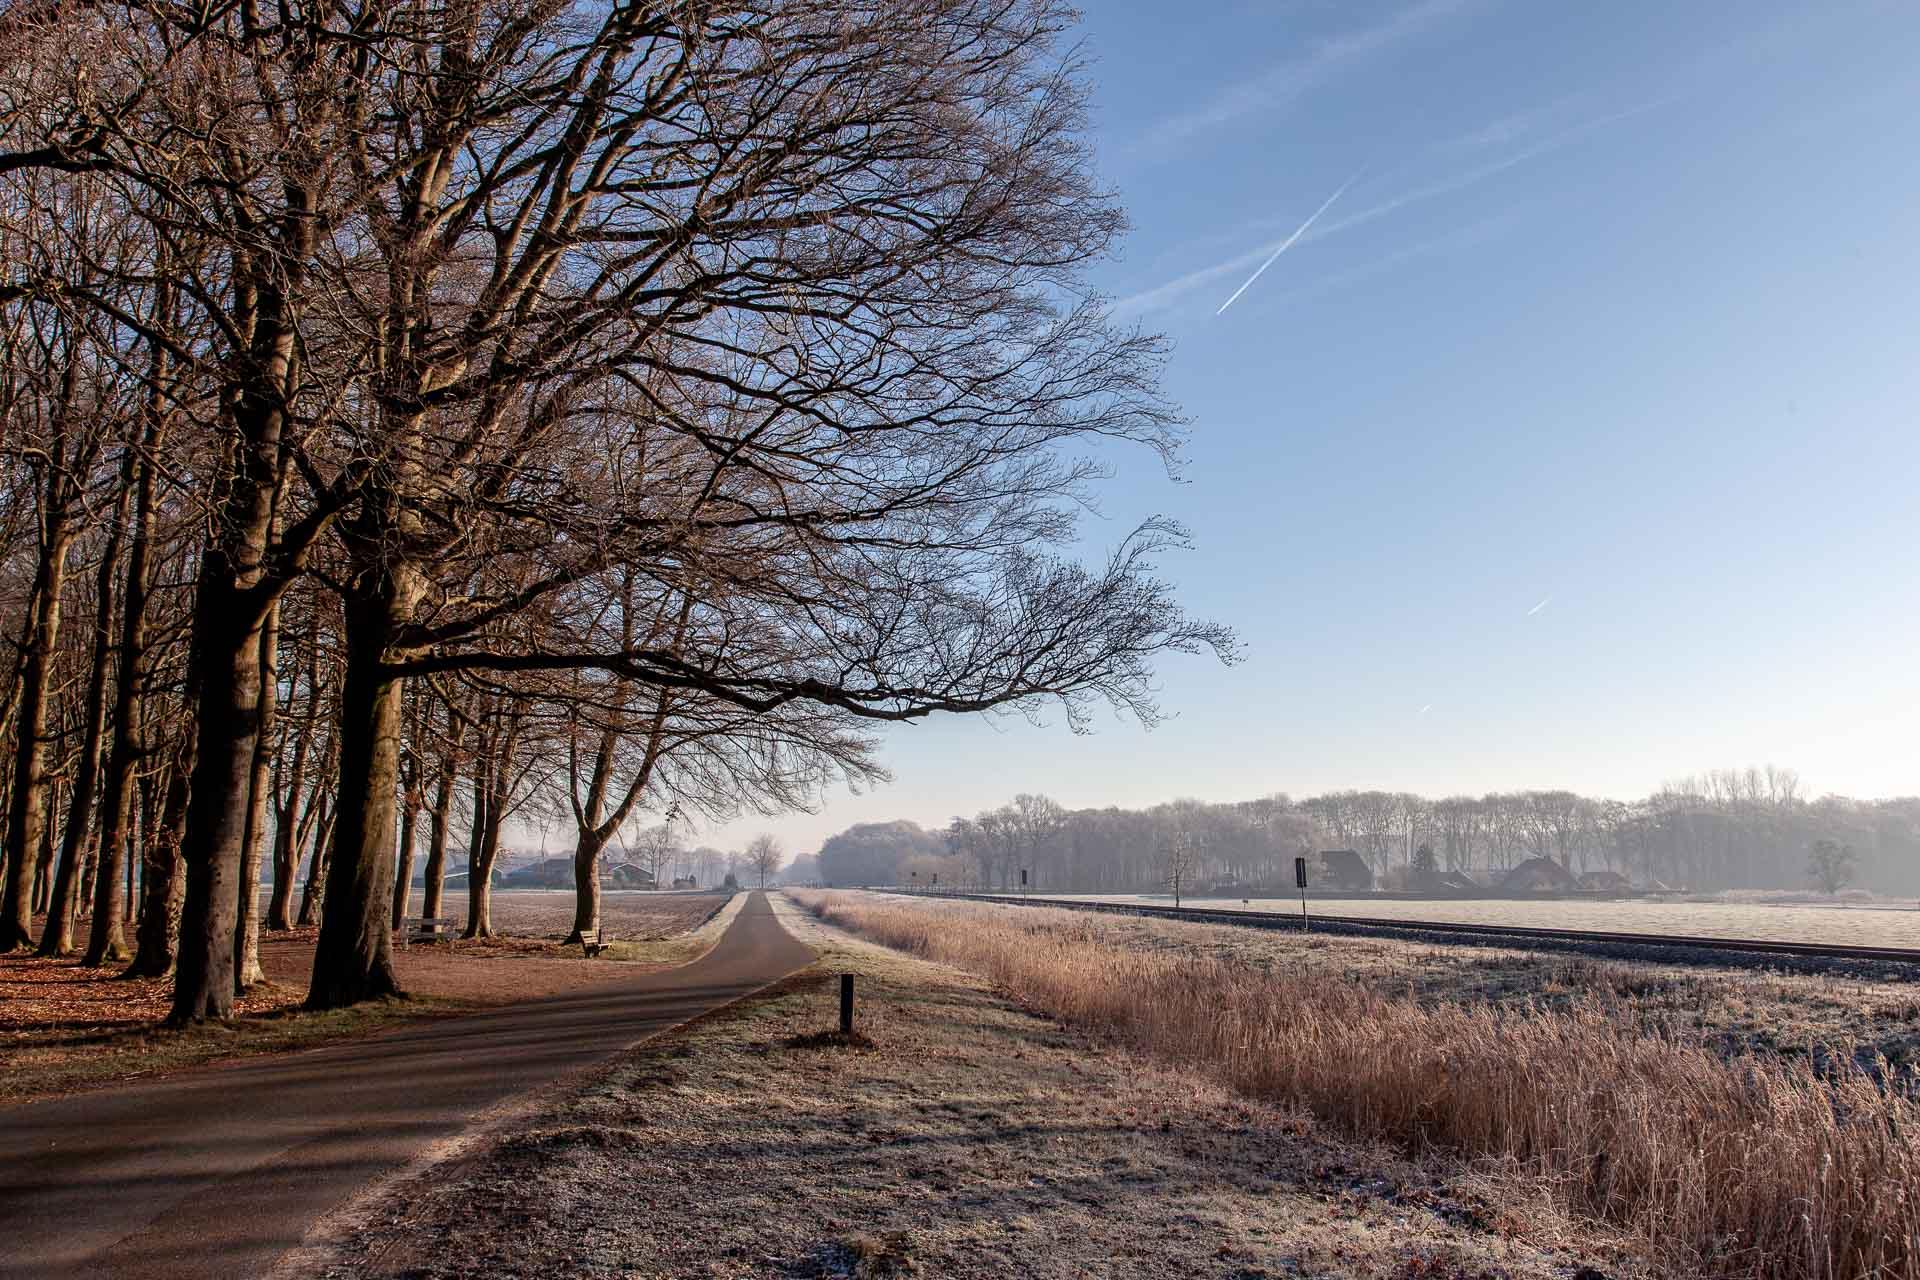 landschap, architectuur, fotograaf, fotografie, treinspoor, spoor, winter